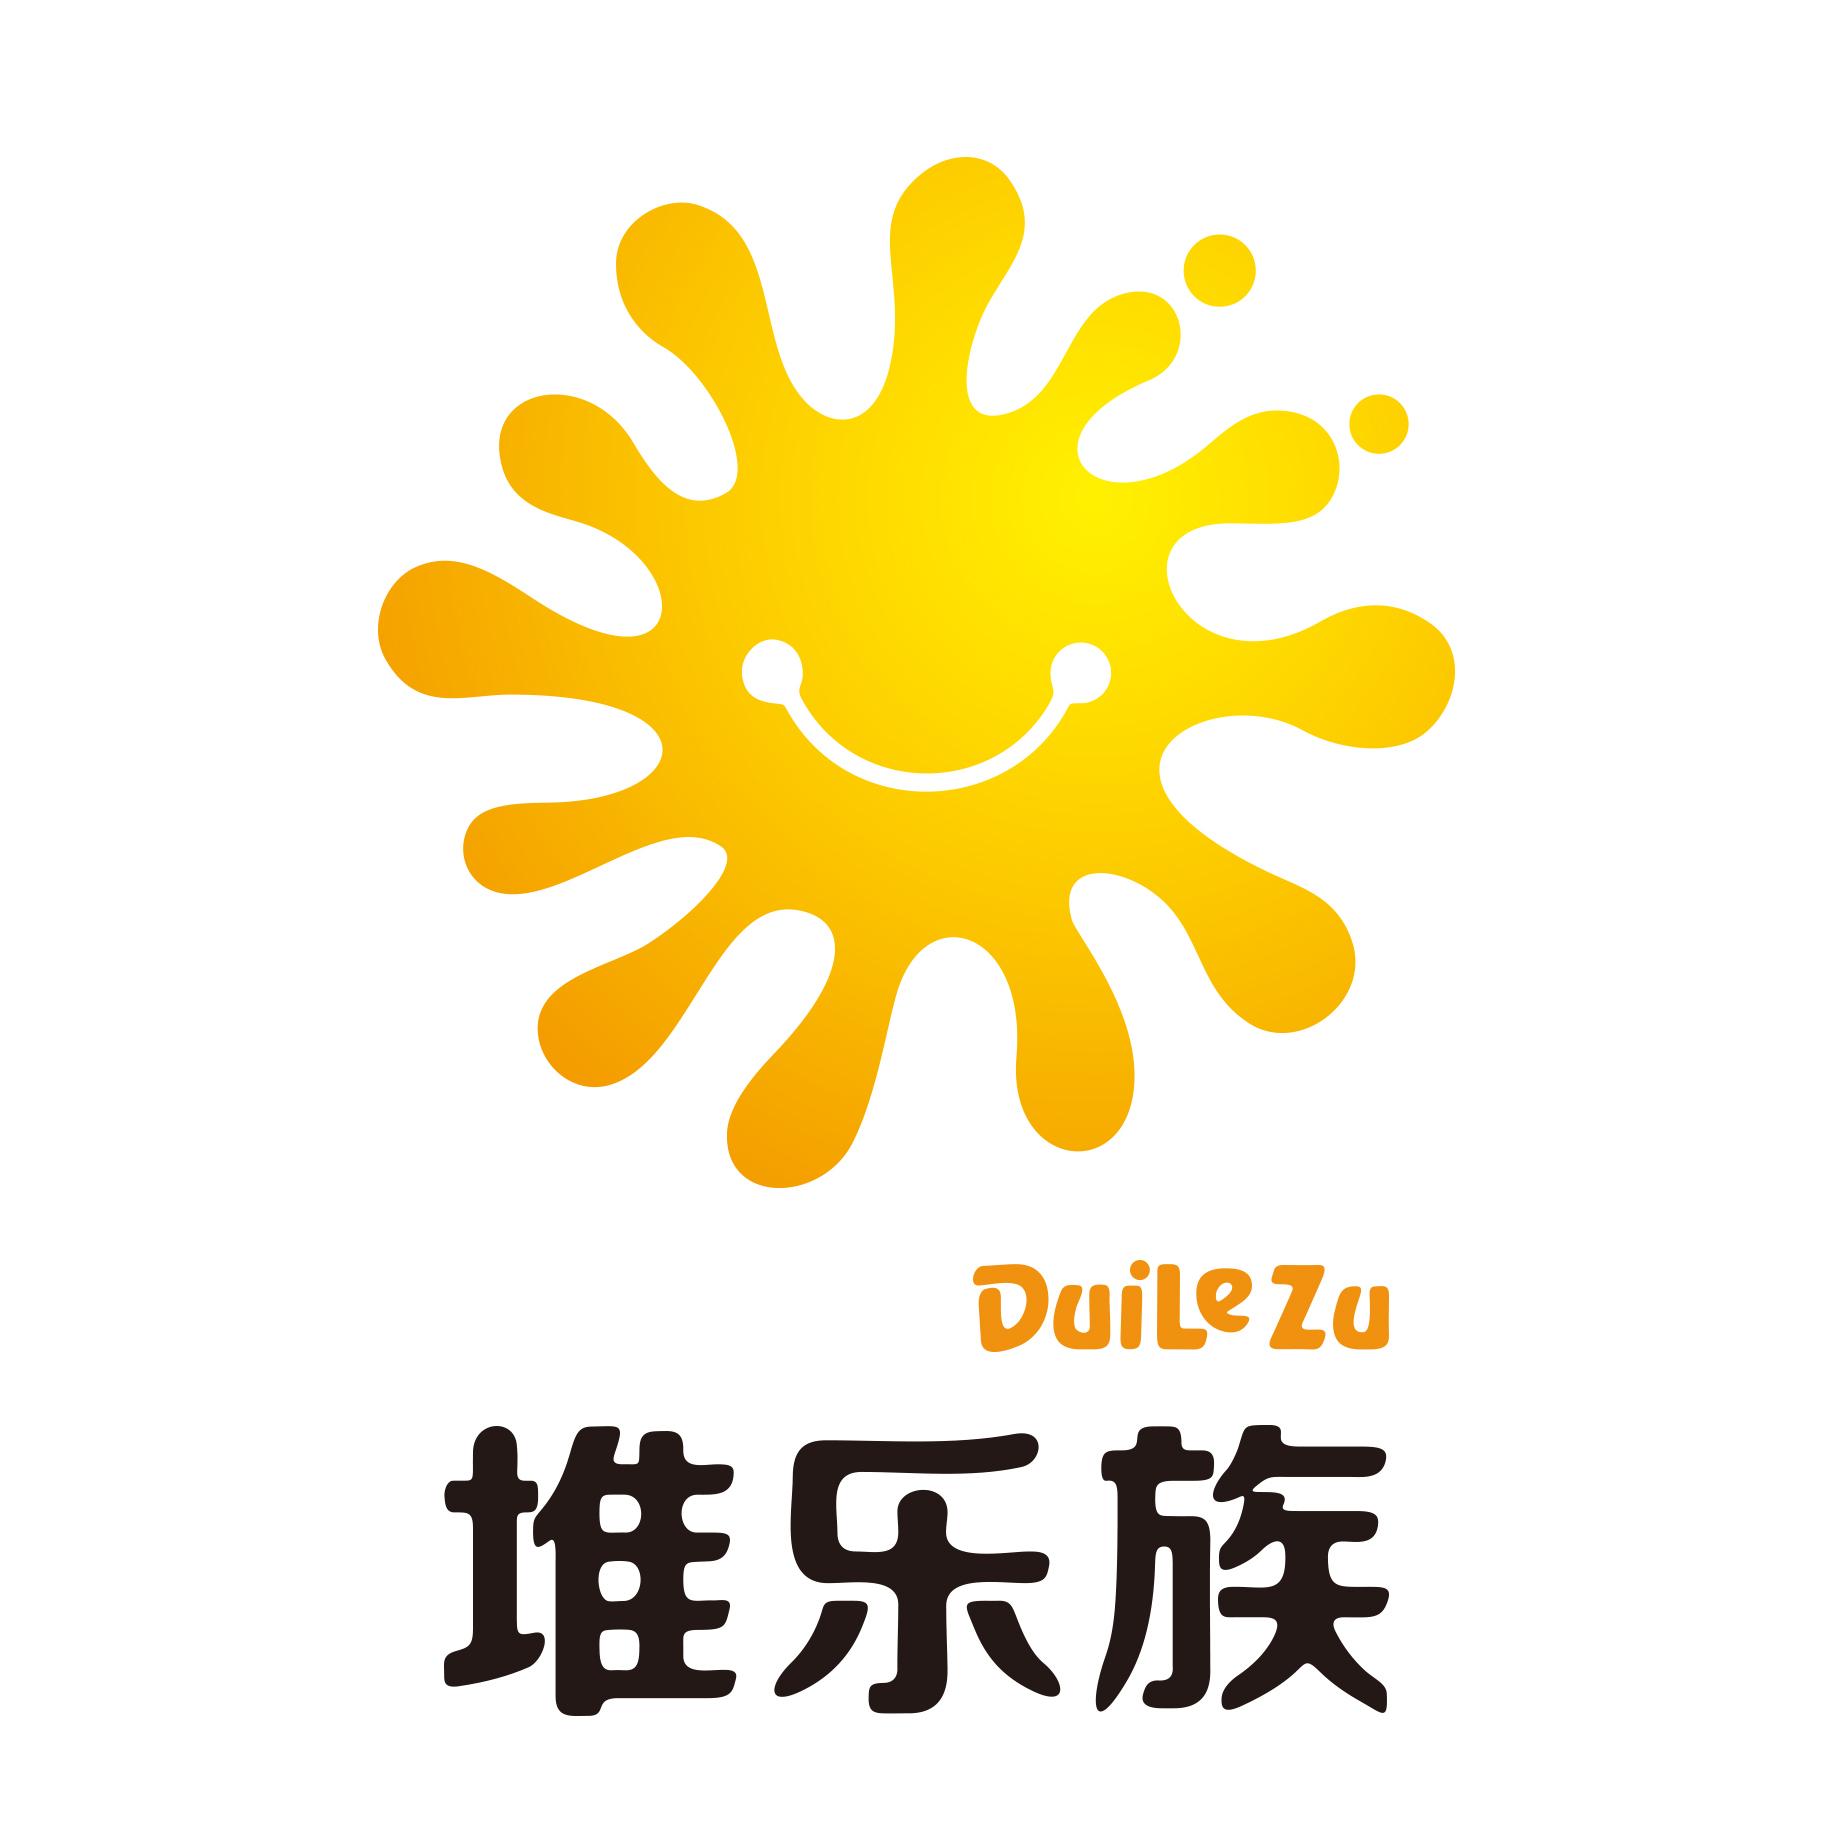 桂林堆乐族网络科技有限公司招聘:公司标志 logo